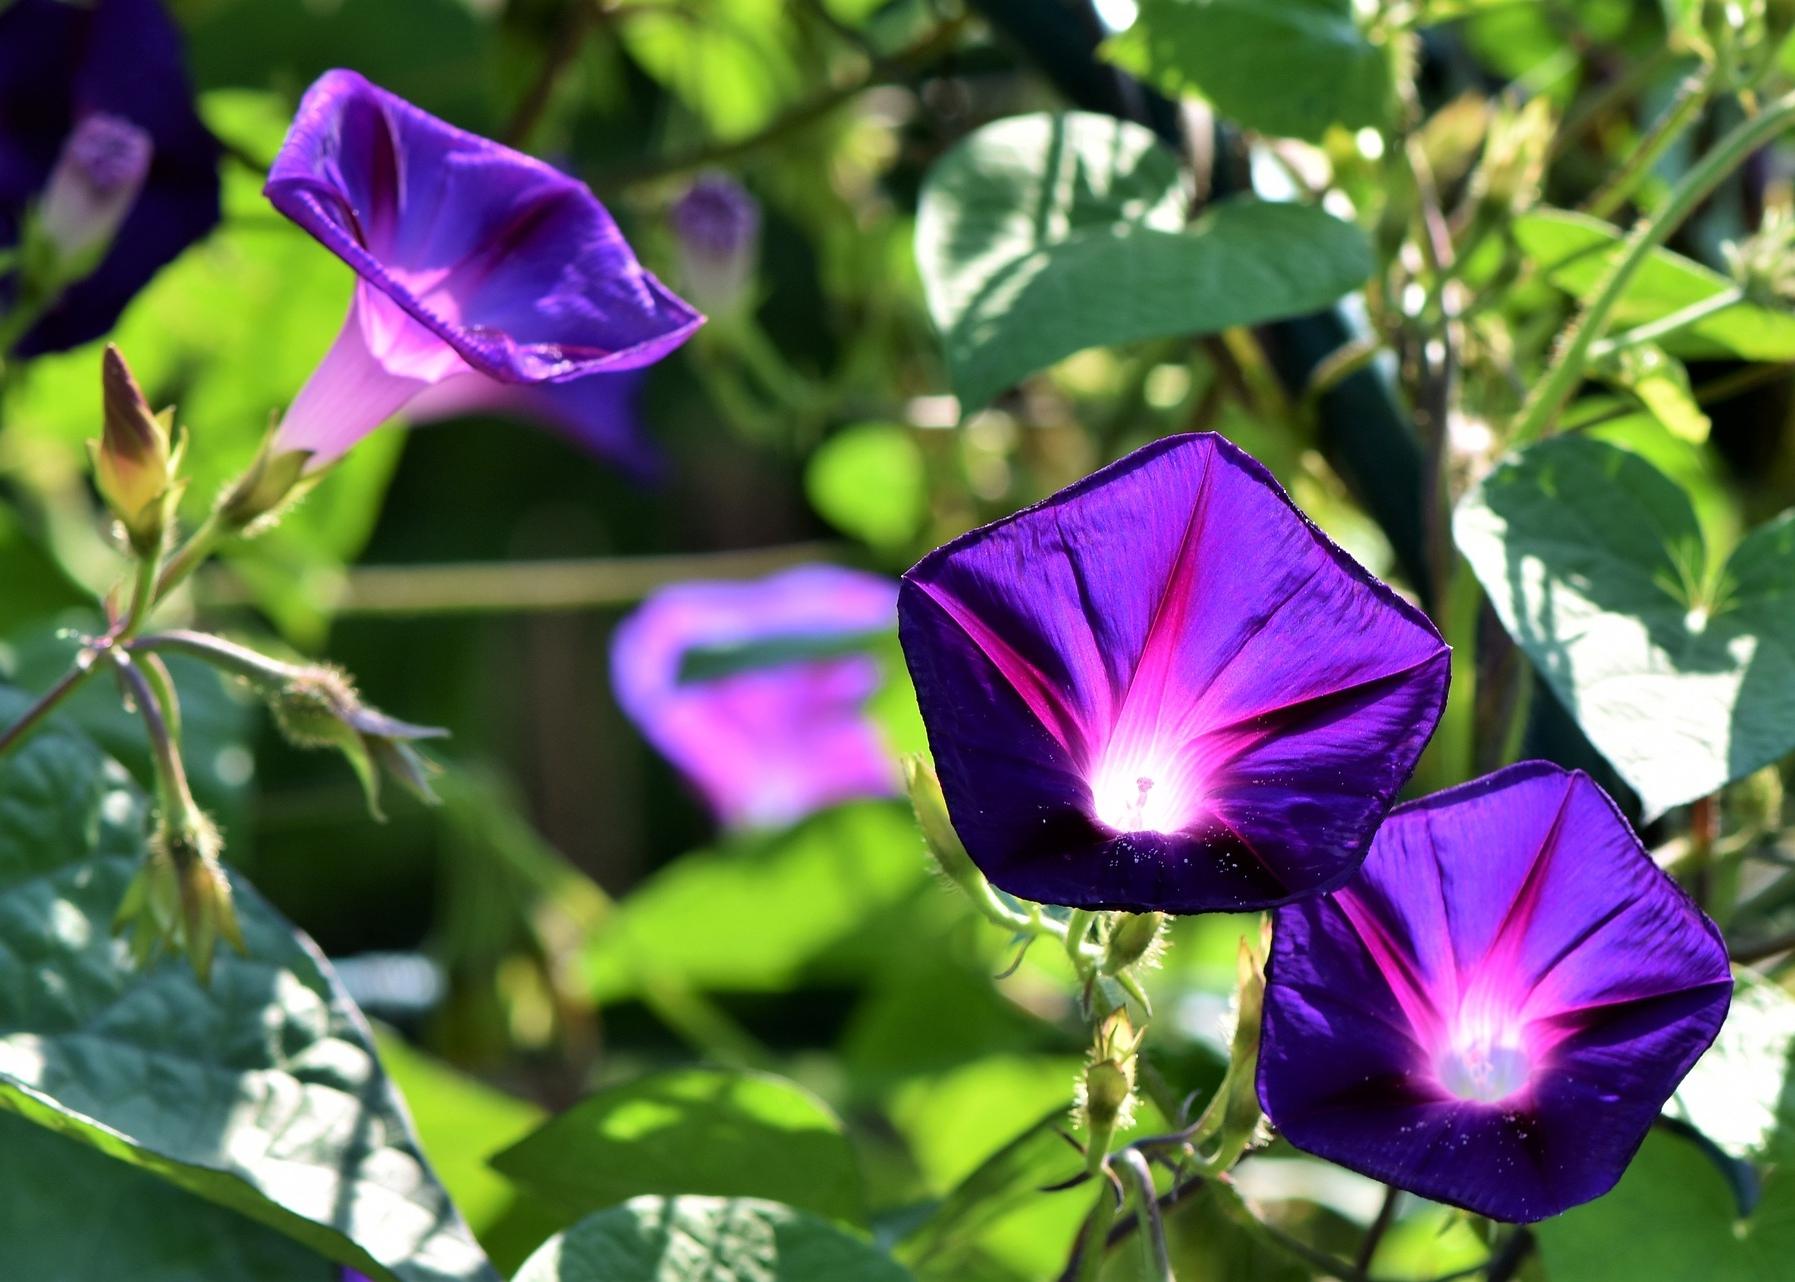 Hình ảnh hoa bìm bịp tím đẹp nhất